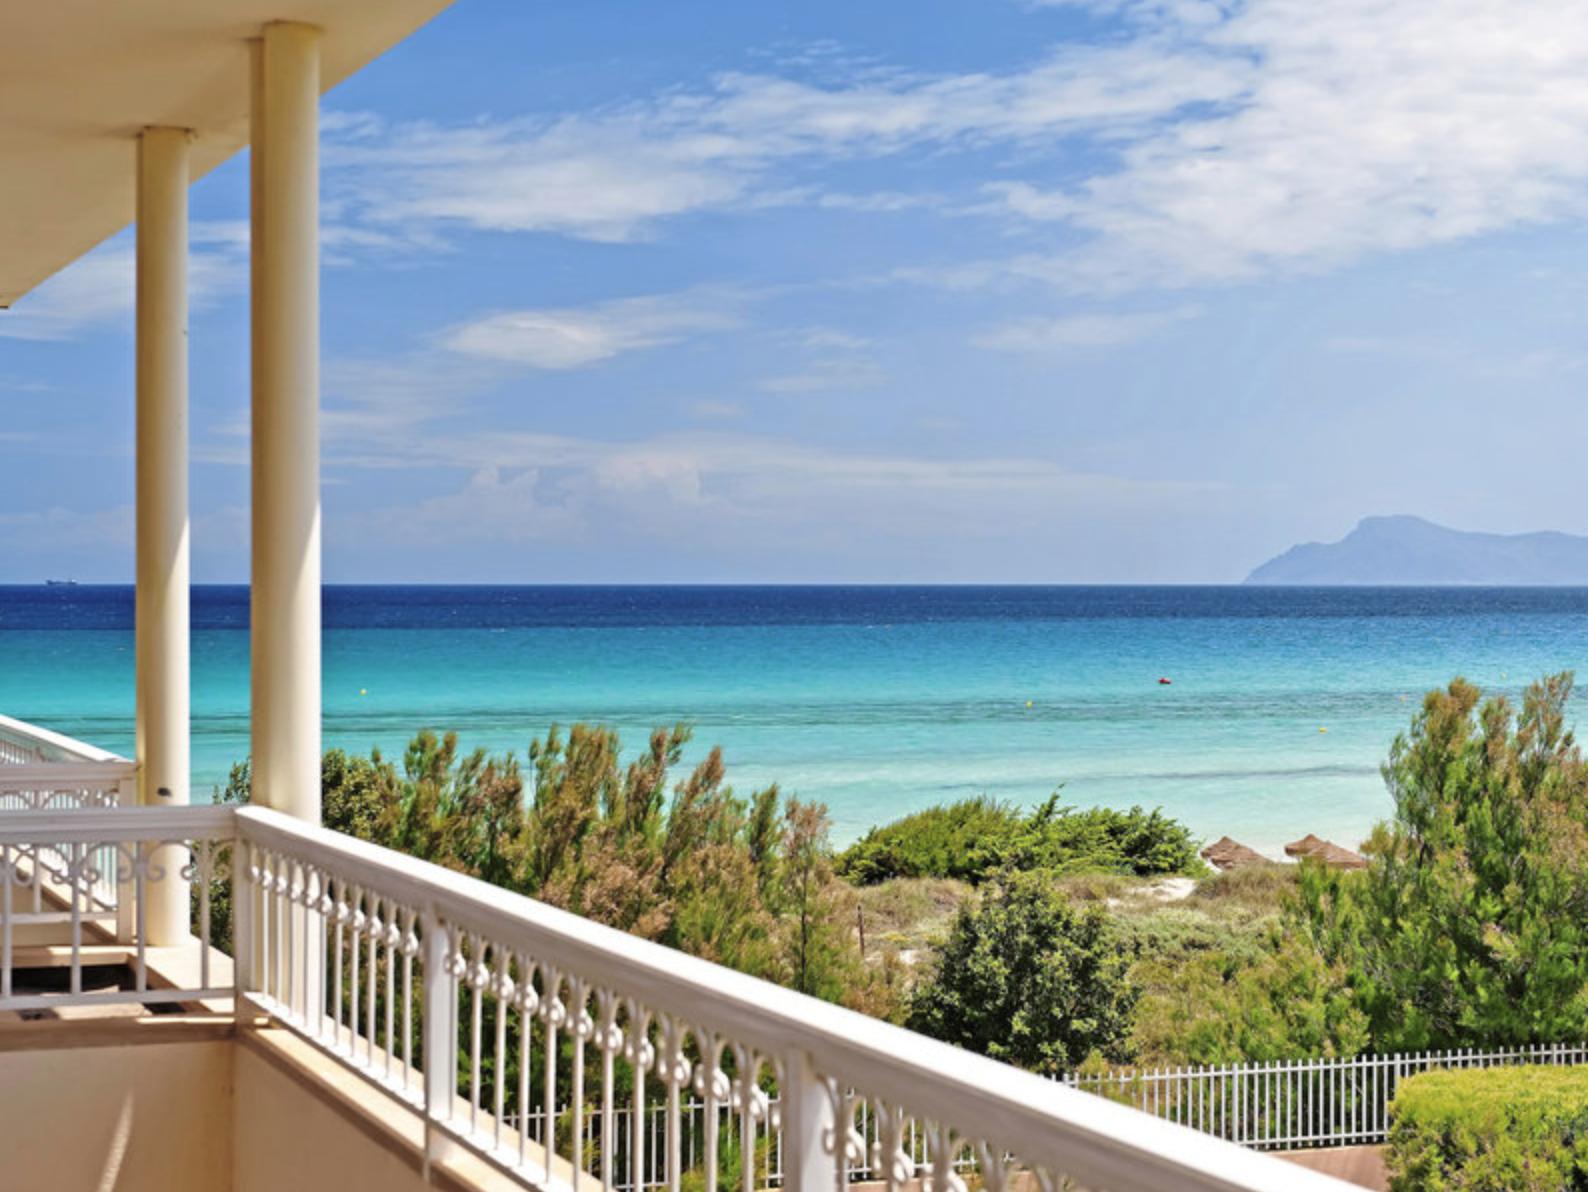 8 Tage Mallorca für 2 Personen inkl. Flügen, TOP 4-Sterne Hotel & Mietwagen 419,46€